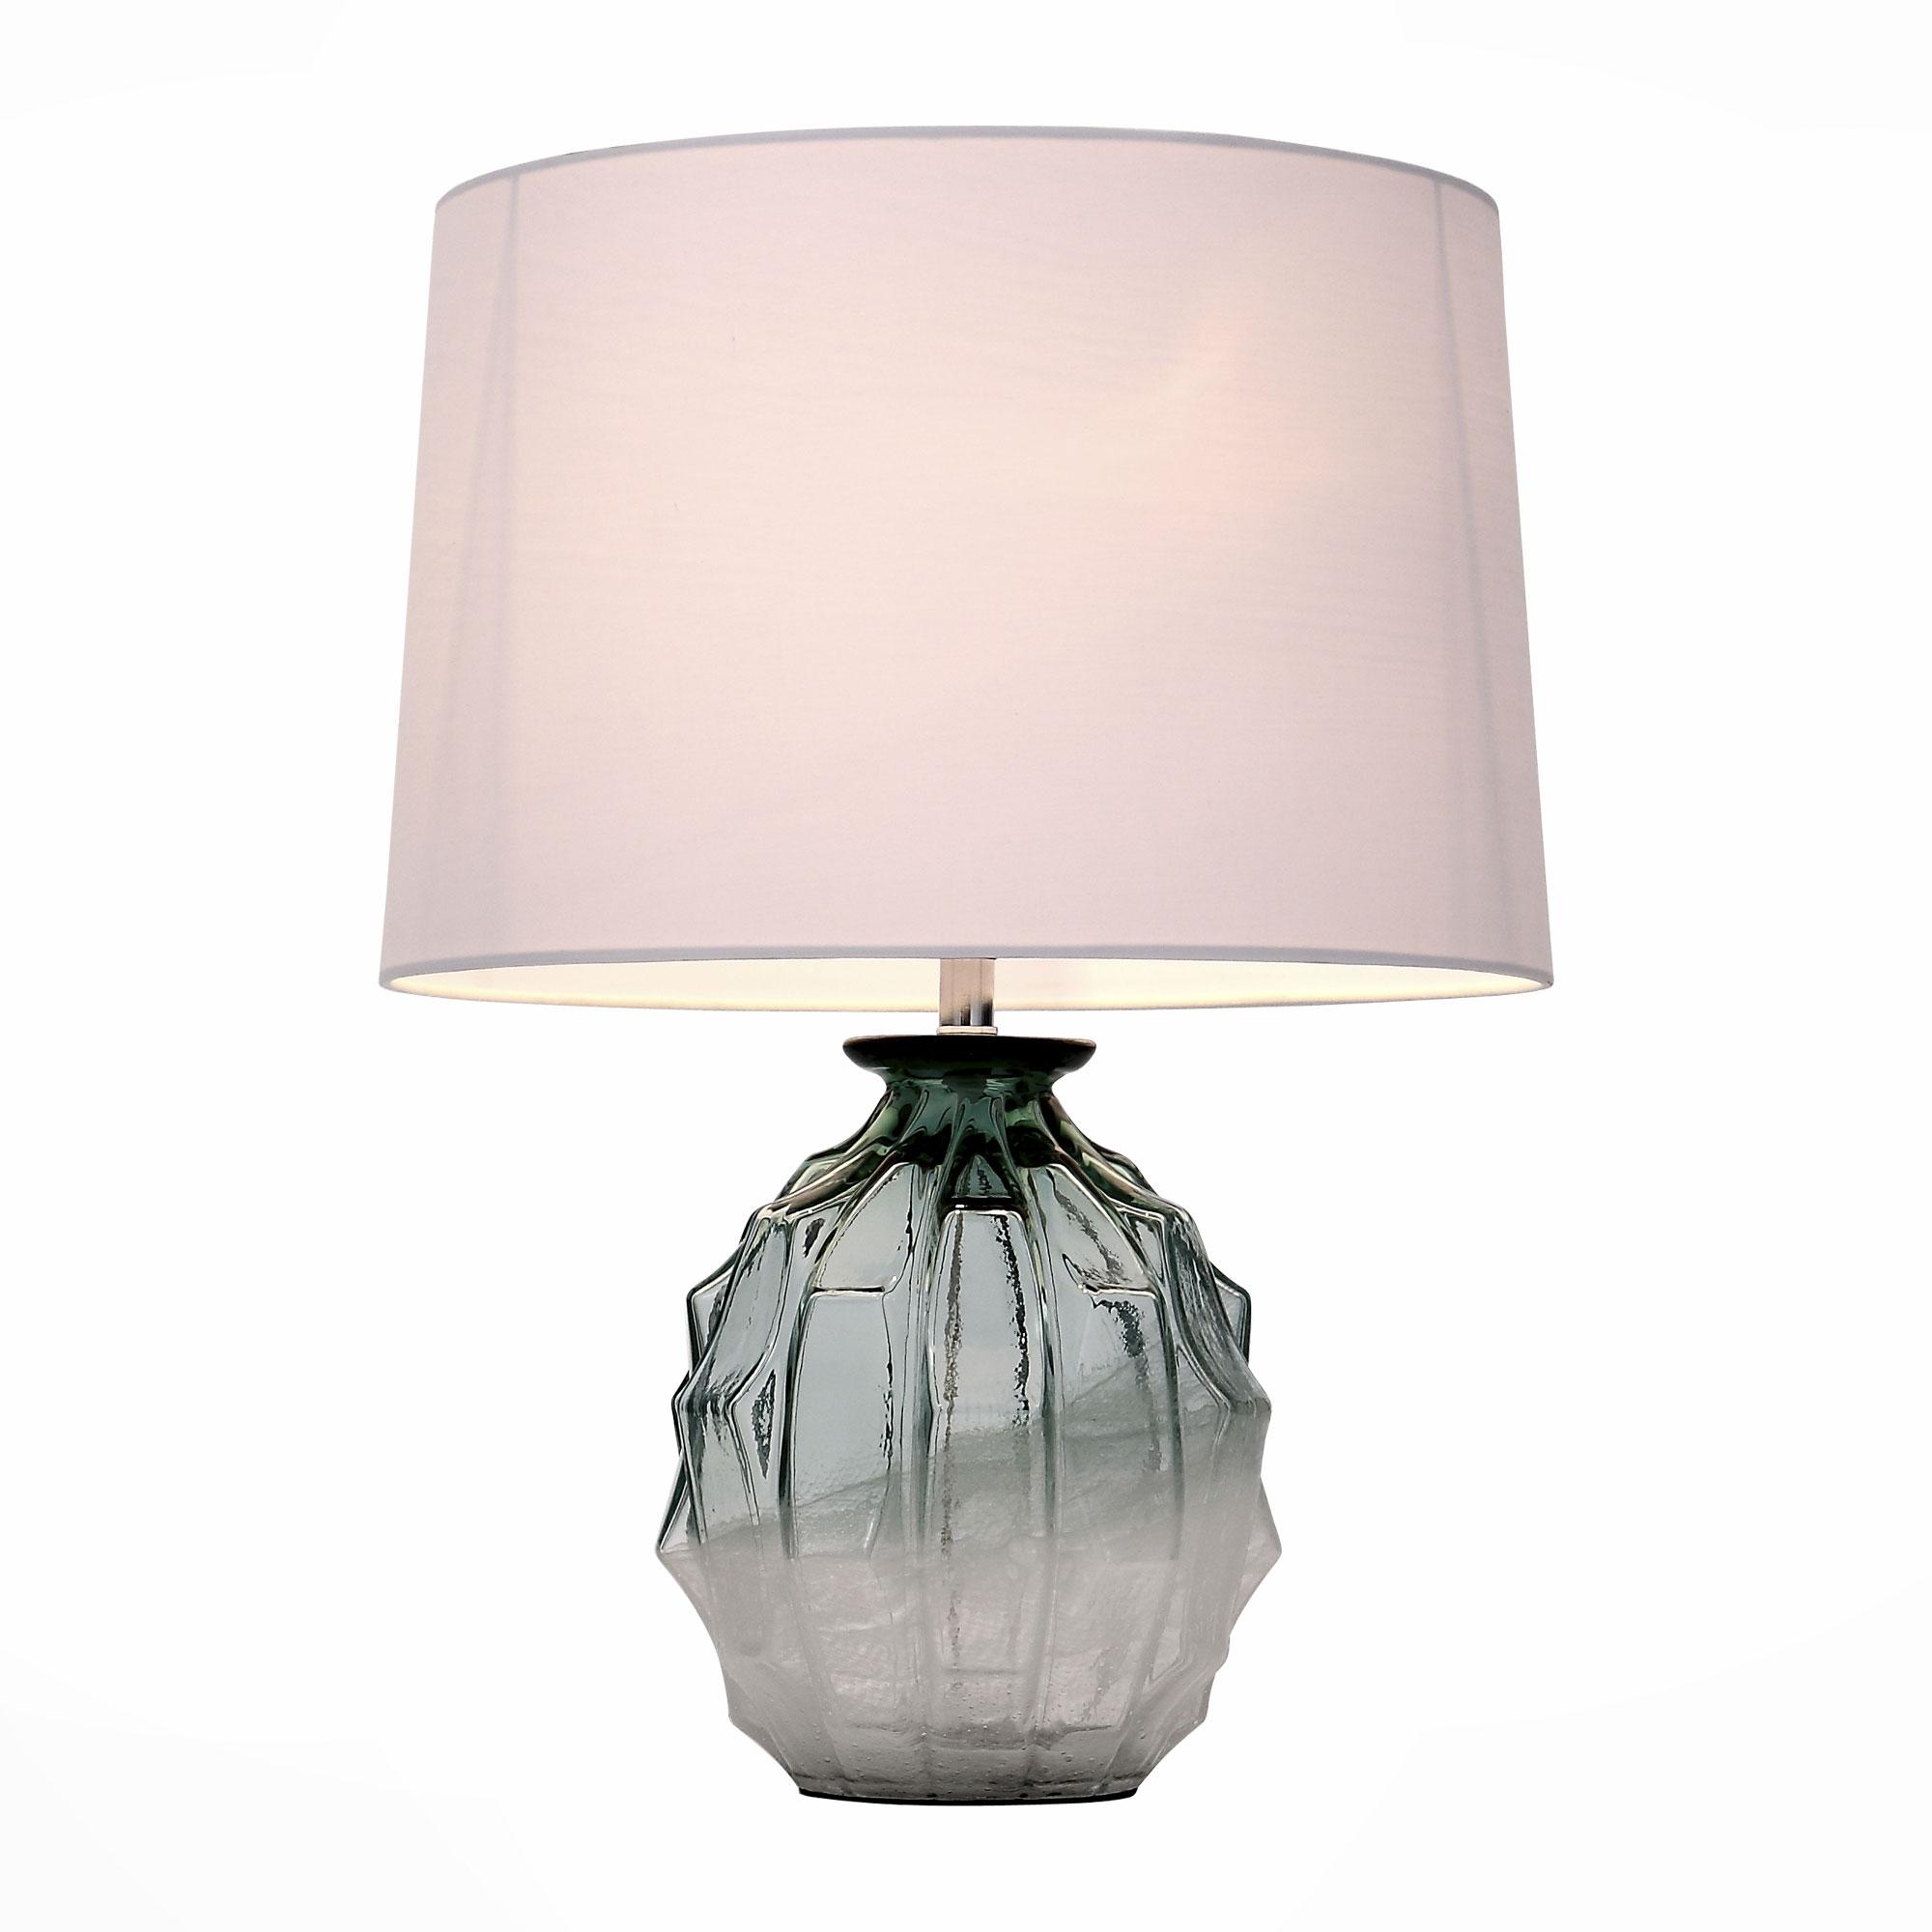 Настольные лампы Arte lamp Италия, светильники настольные